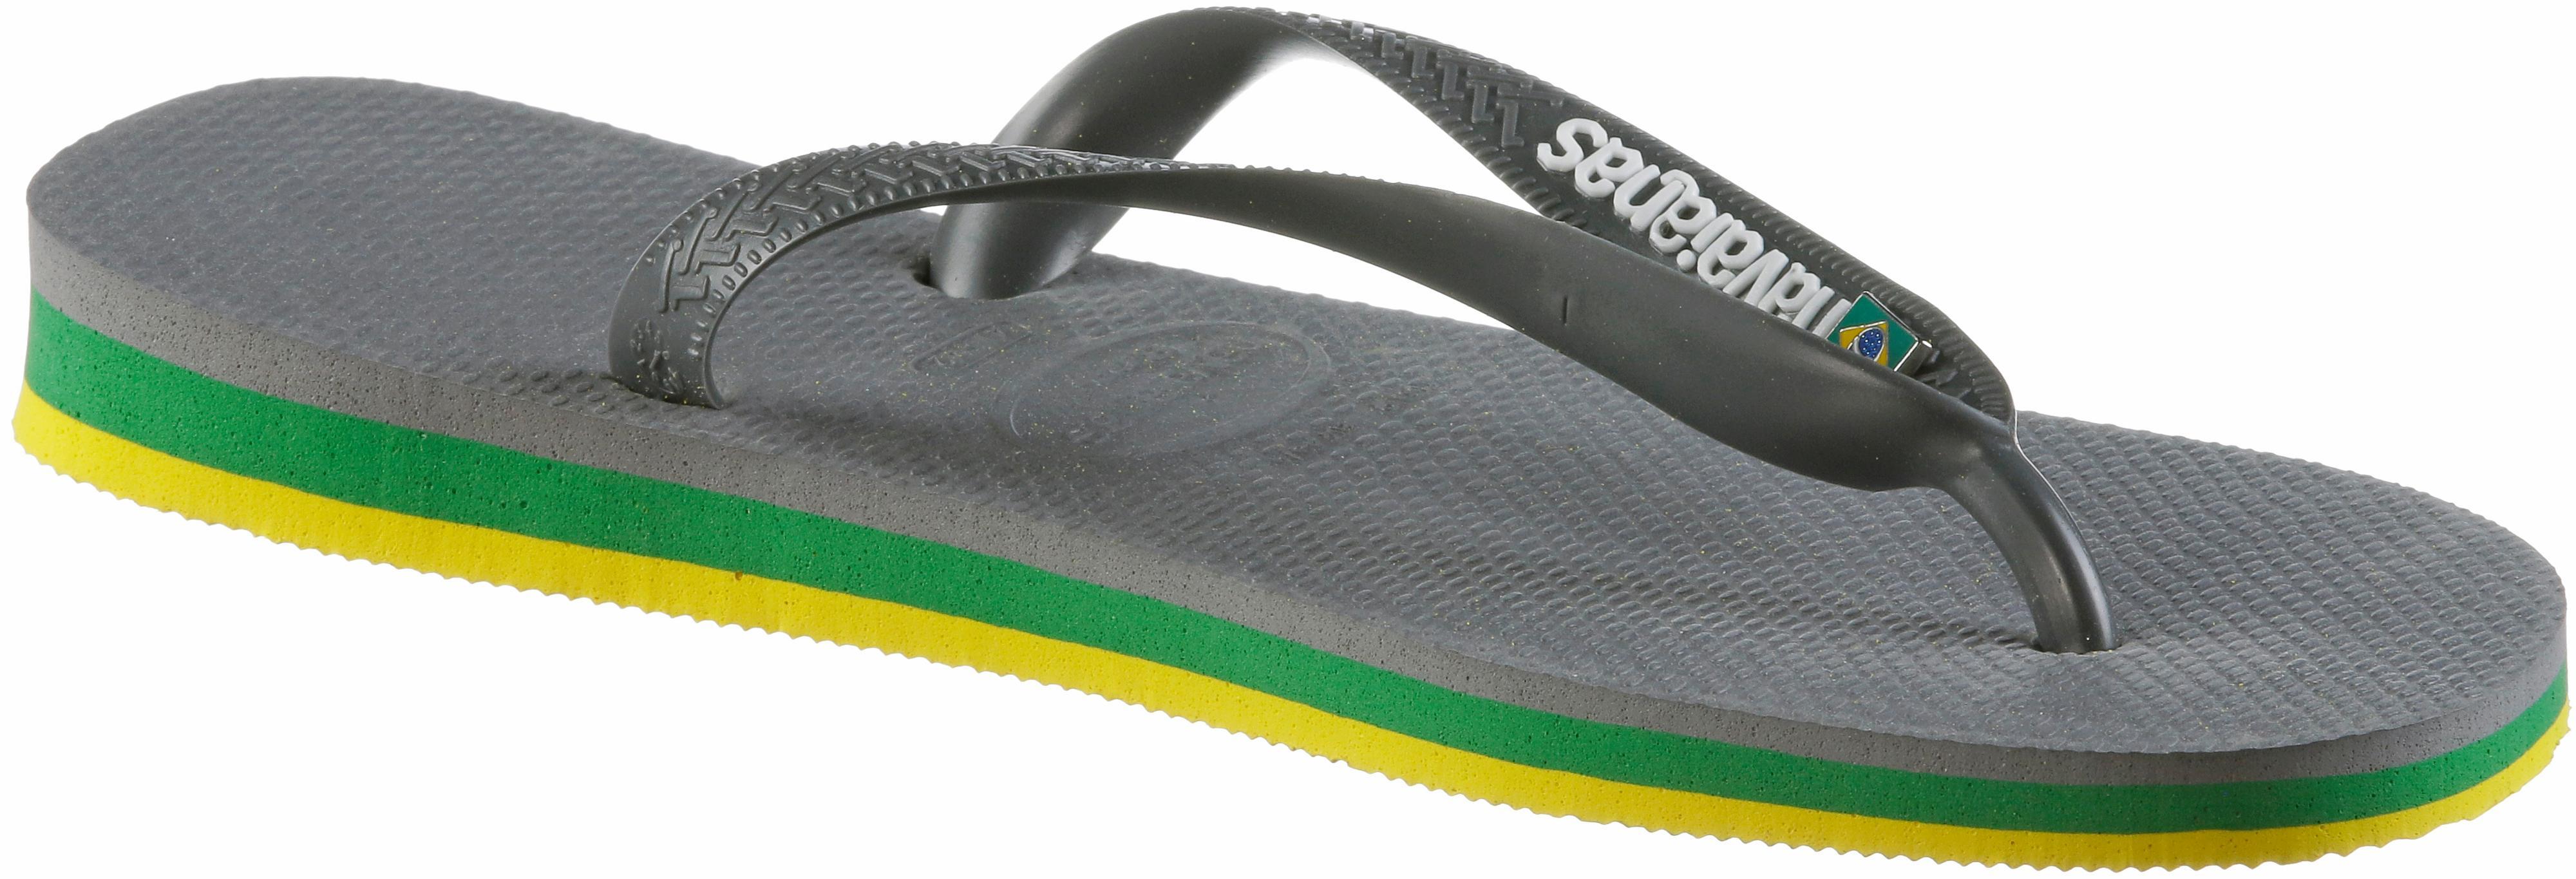 Havaianas BRASIL LAYERS Zehentrenner steel-grau im Online Shop Shop Shop von SportScheck kaufen Gute Qualität beliebte Schuhe 81bdda